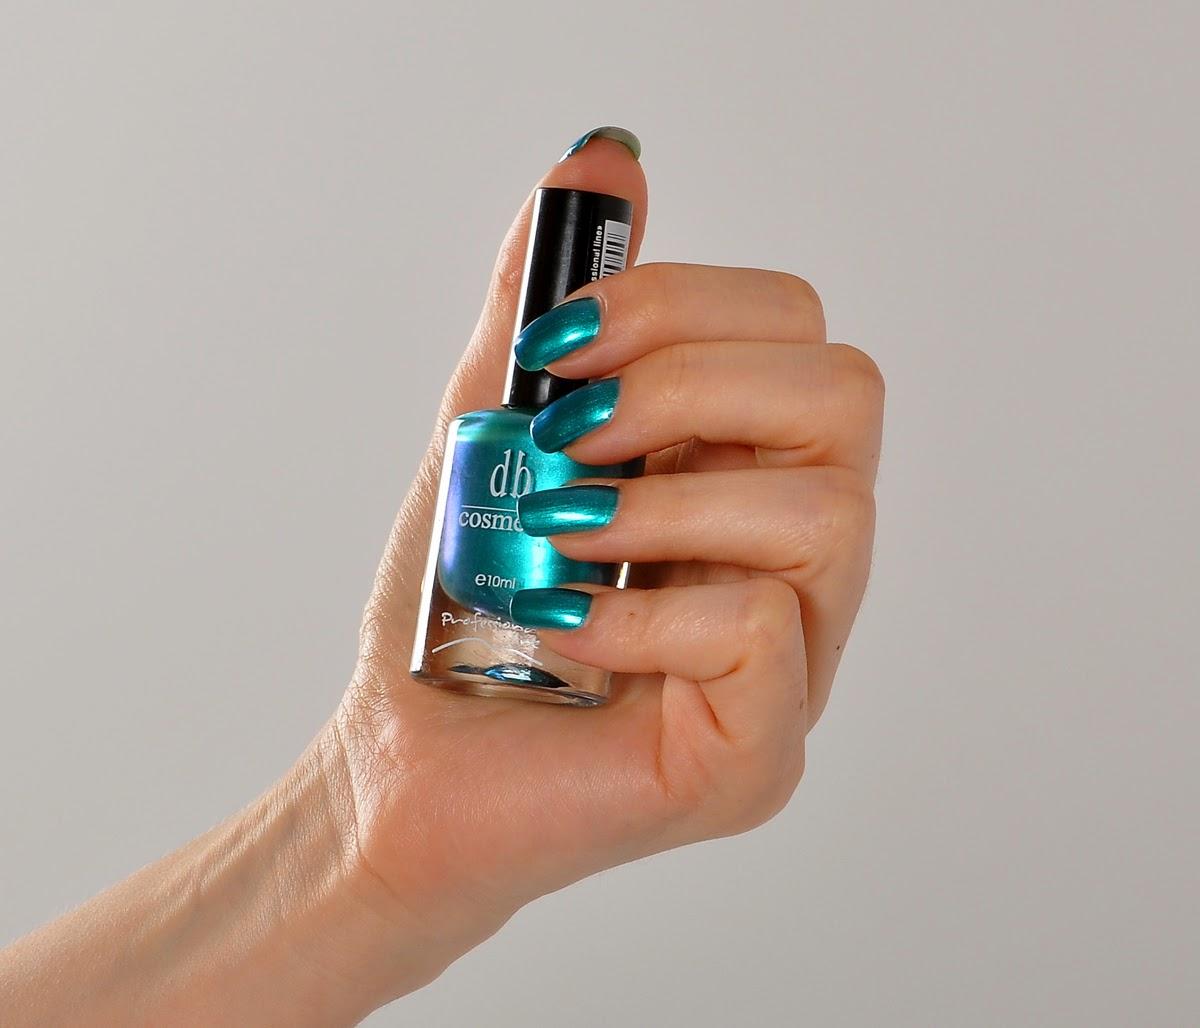 Лак для ногтей cosmetic db